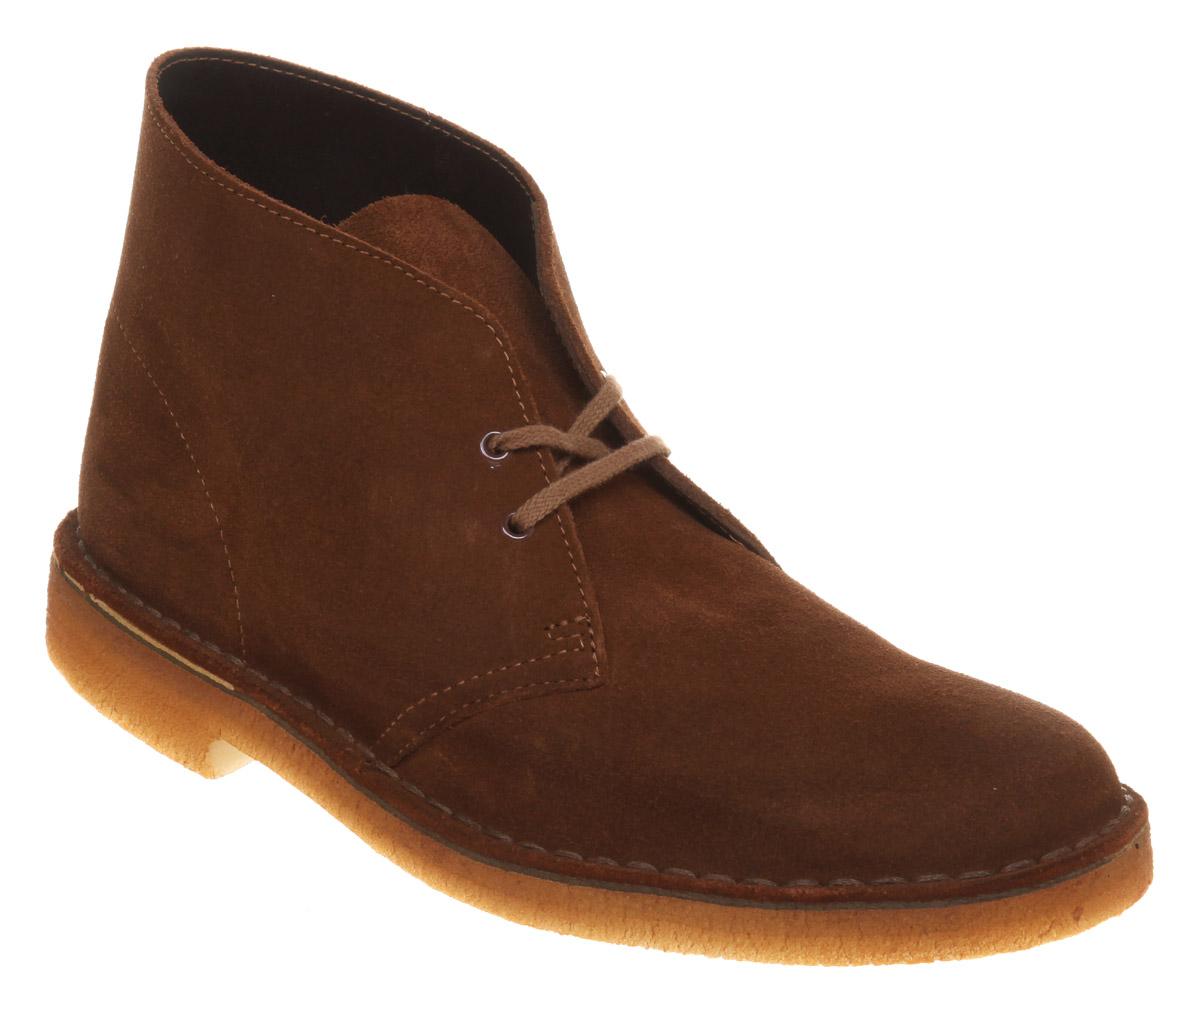 Details zu Mens Clarks Originals Desert Boot Cola Suede Boots